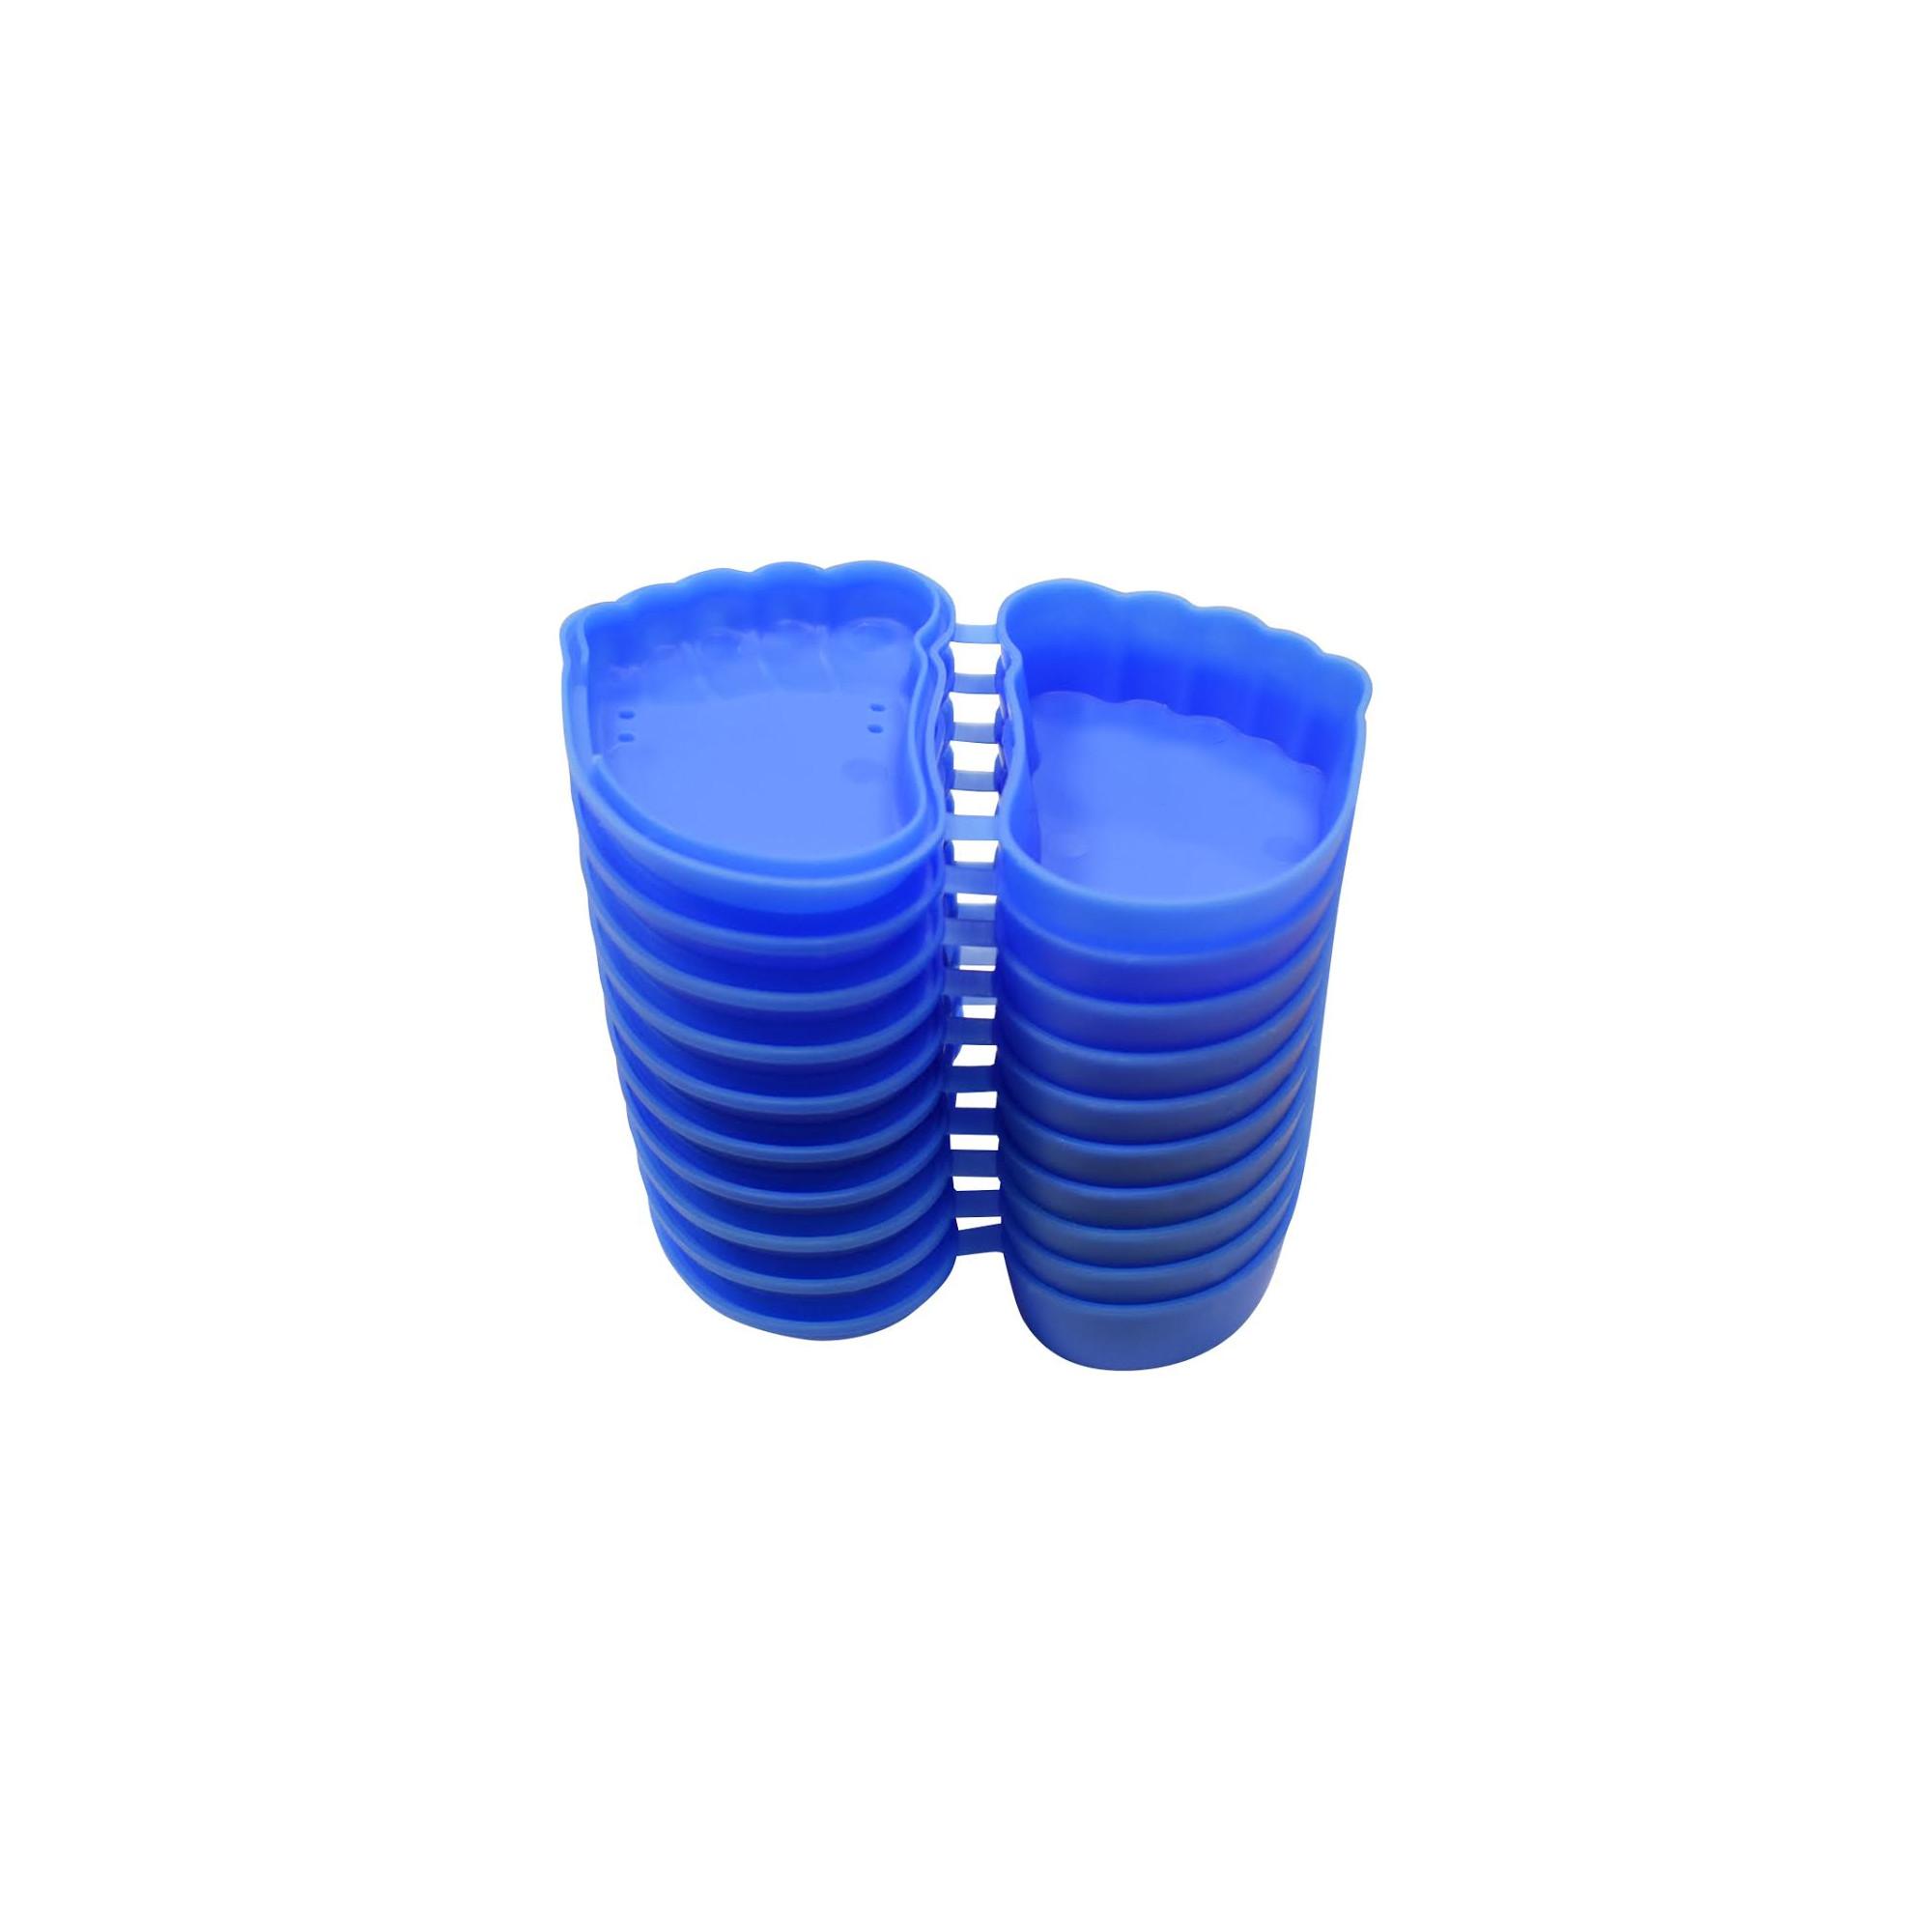 Orhtocase - 12 boite de rangement pour orthoplasties en silicone